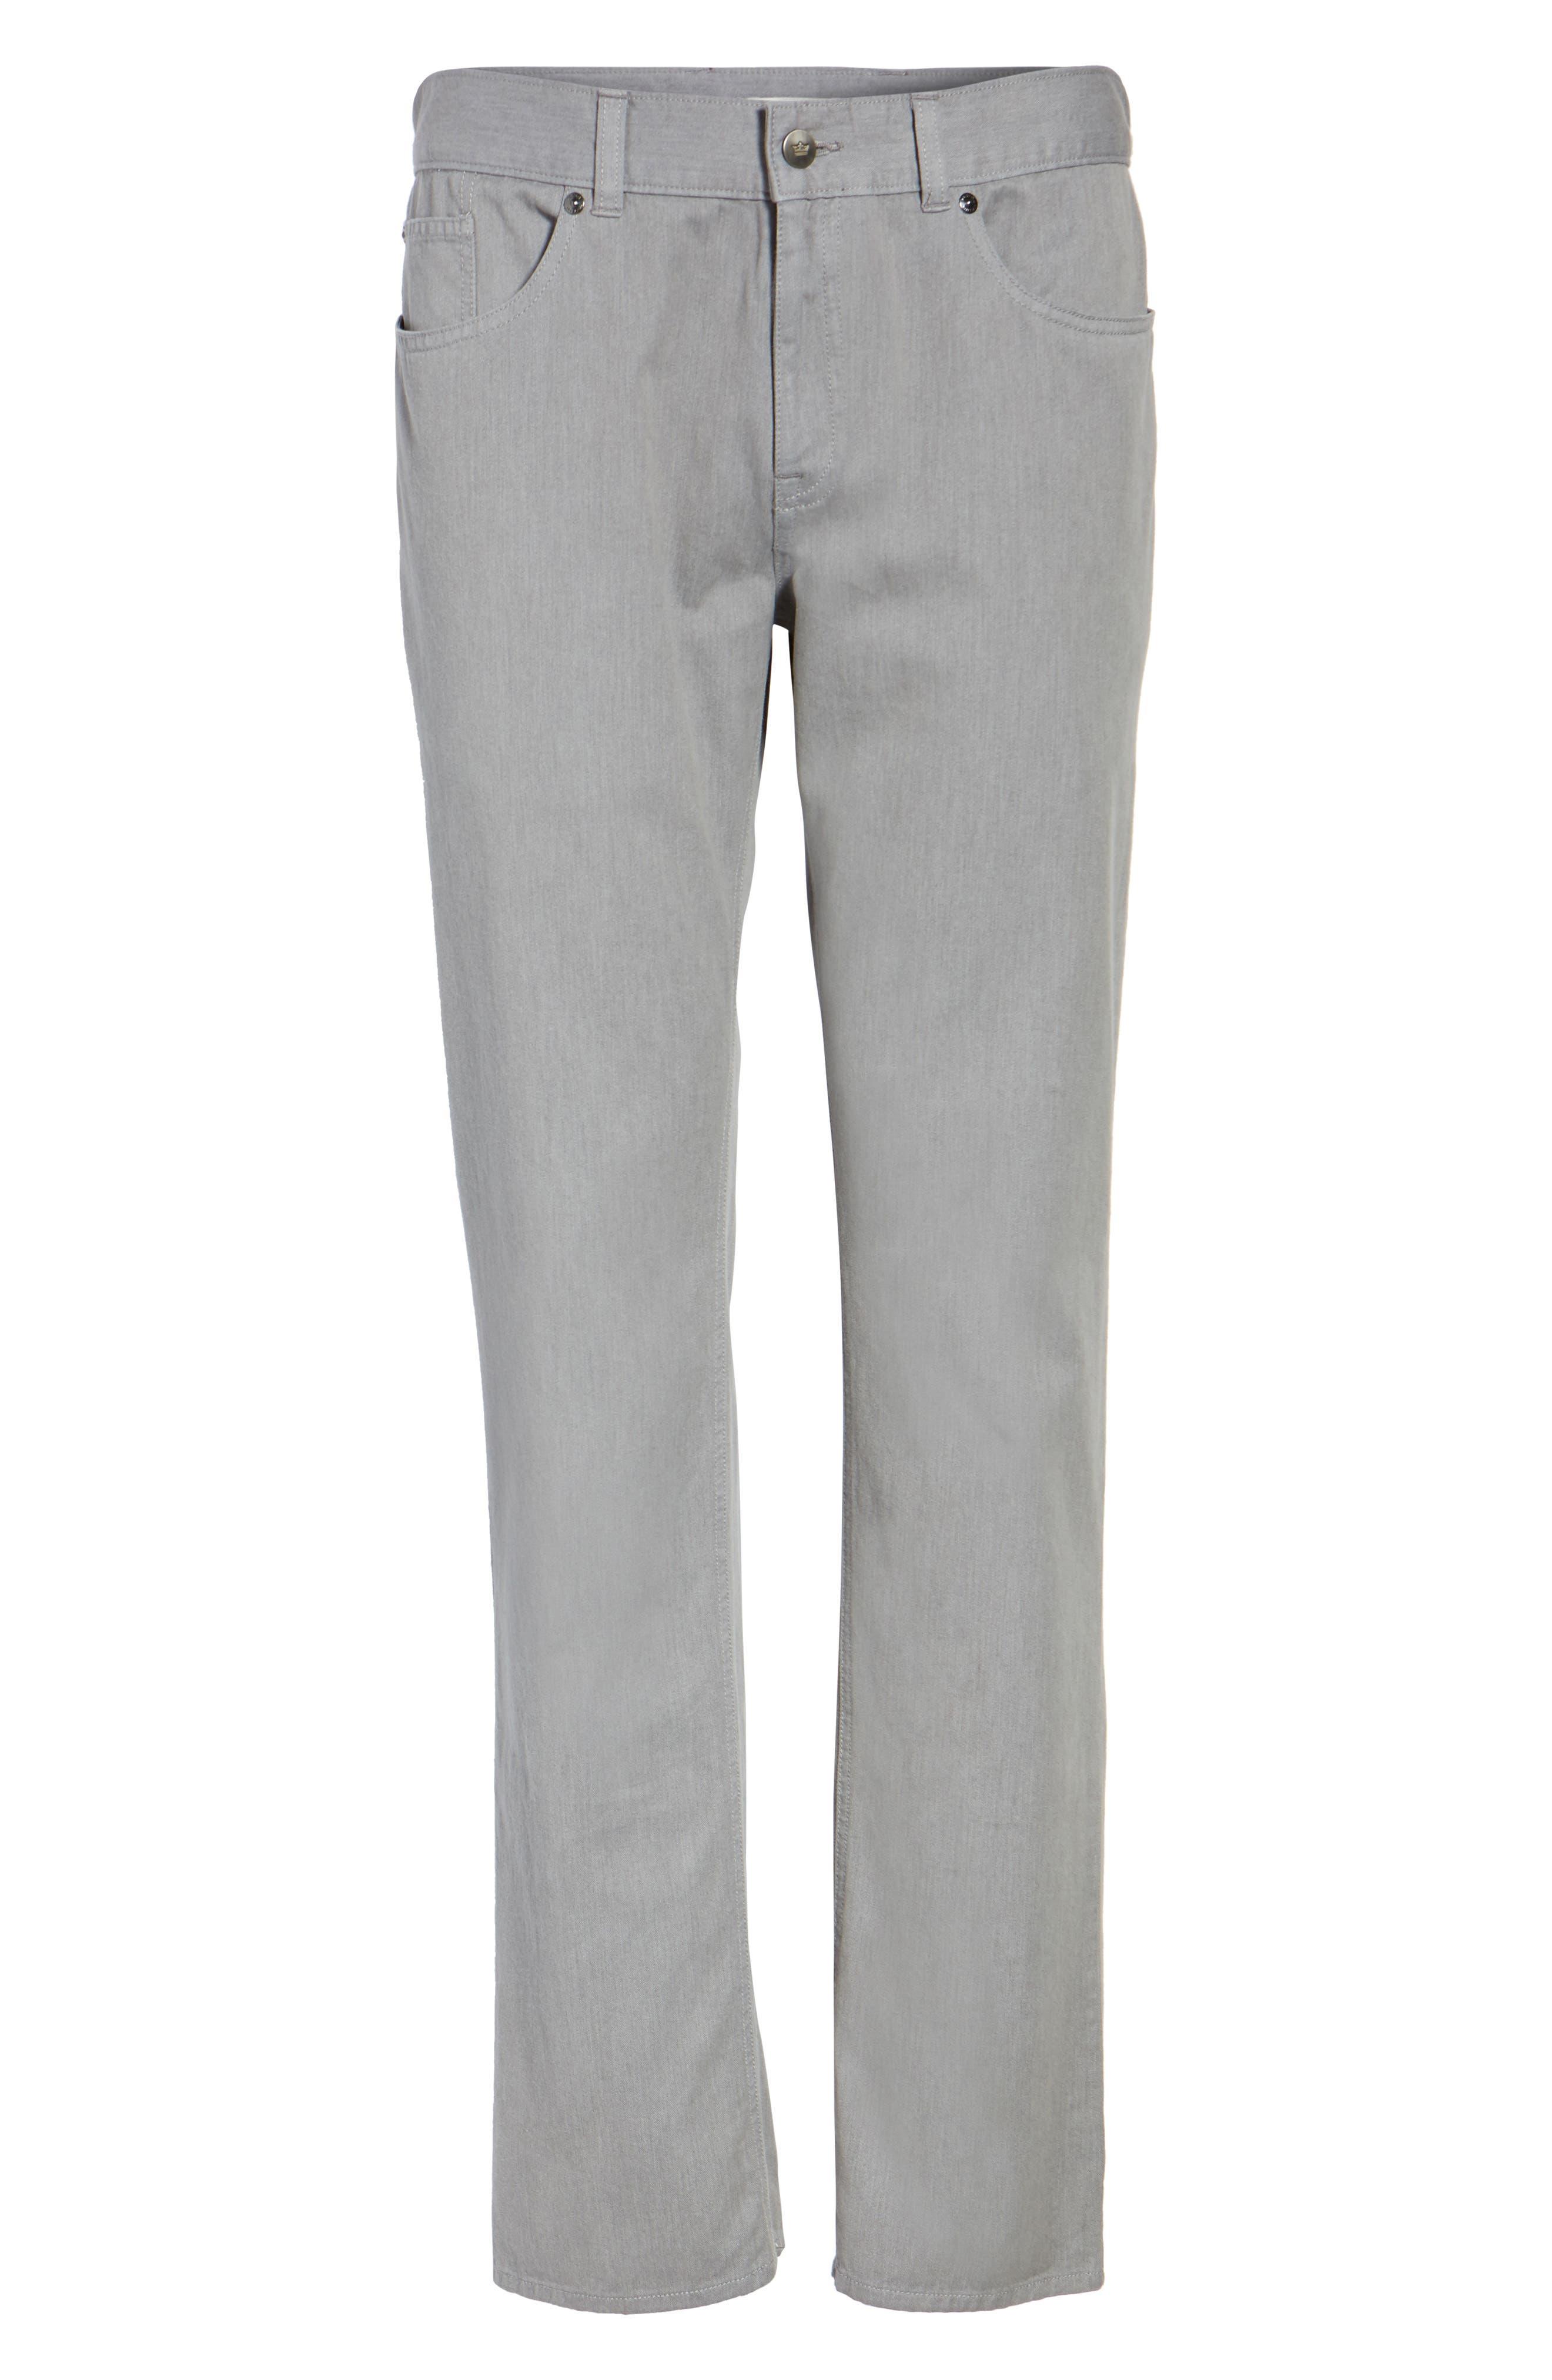 Mélange Five-Pocket Pants,                             Alternate thumbnail 6, color,                             029